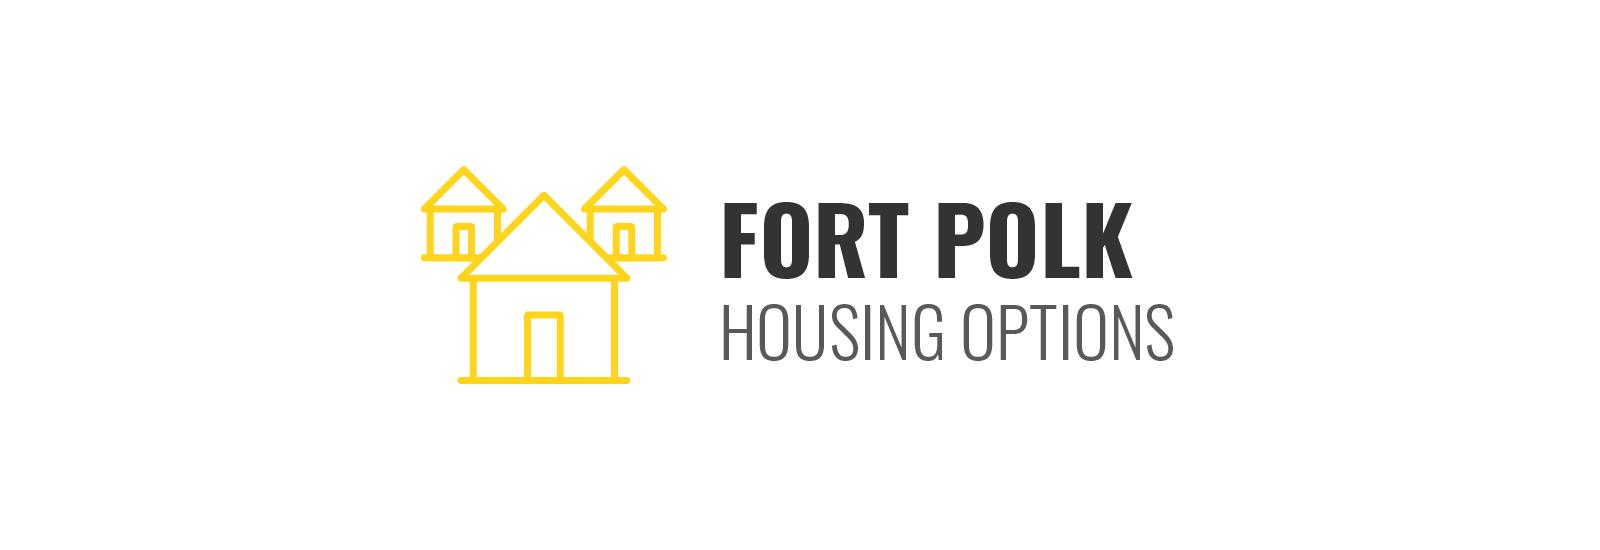 Fort Polk Housing Options